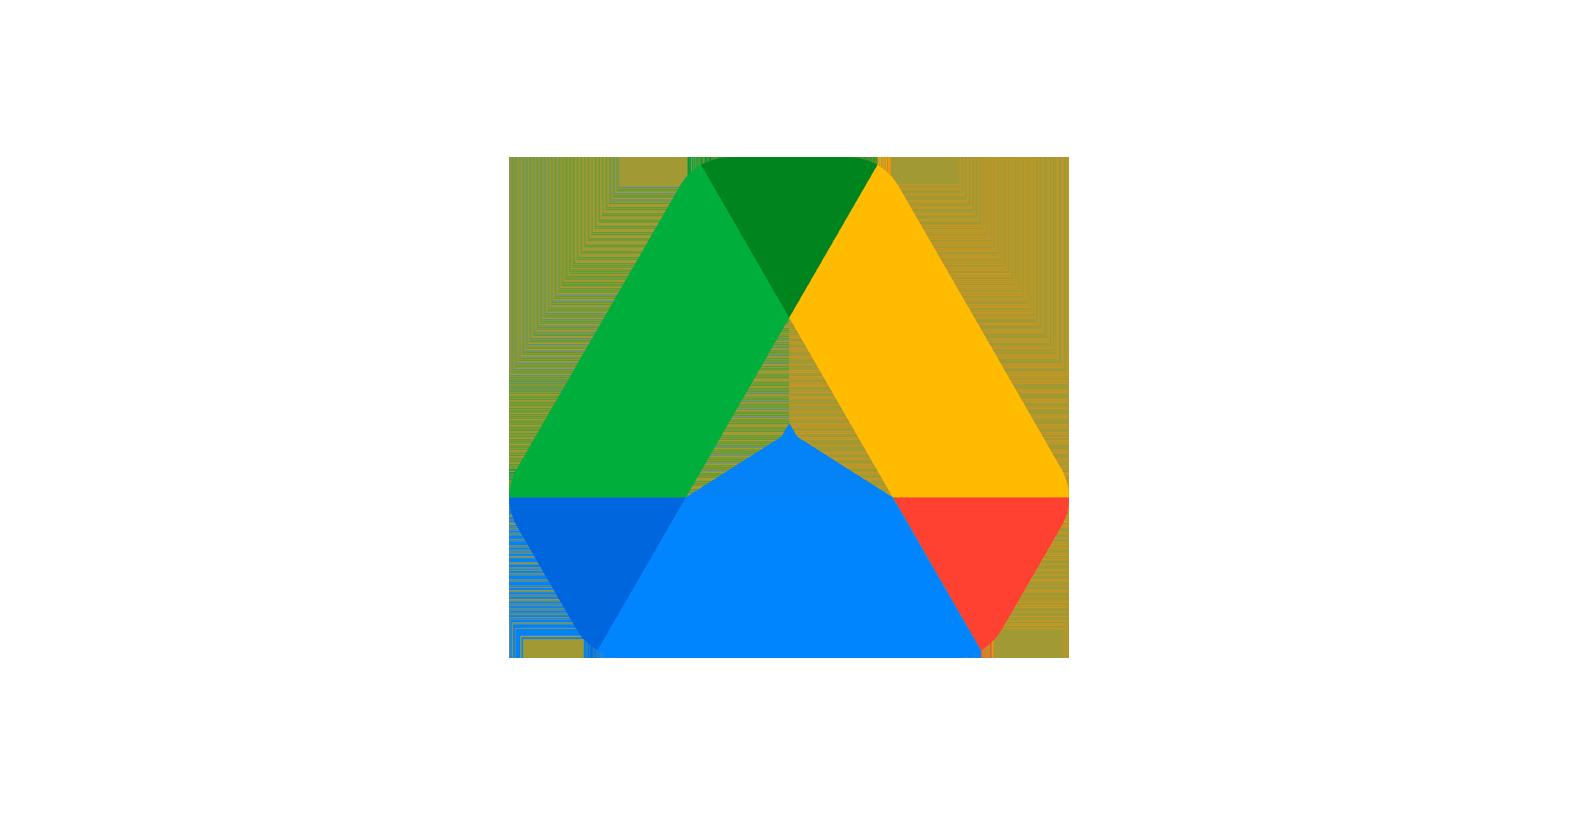 googledrivelogo